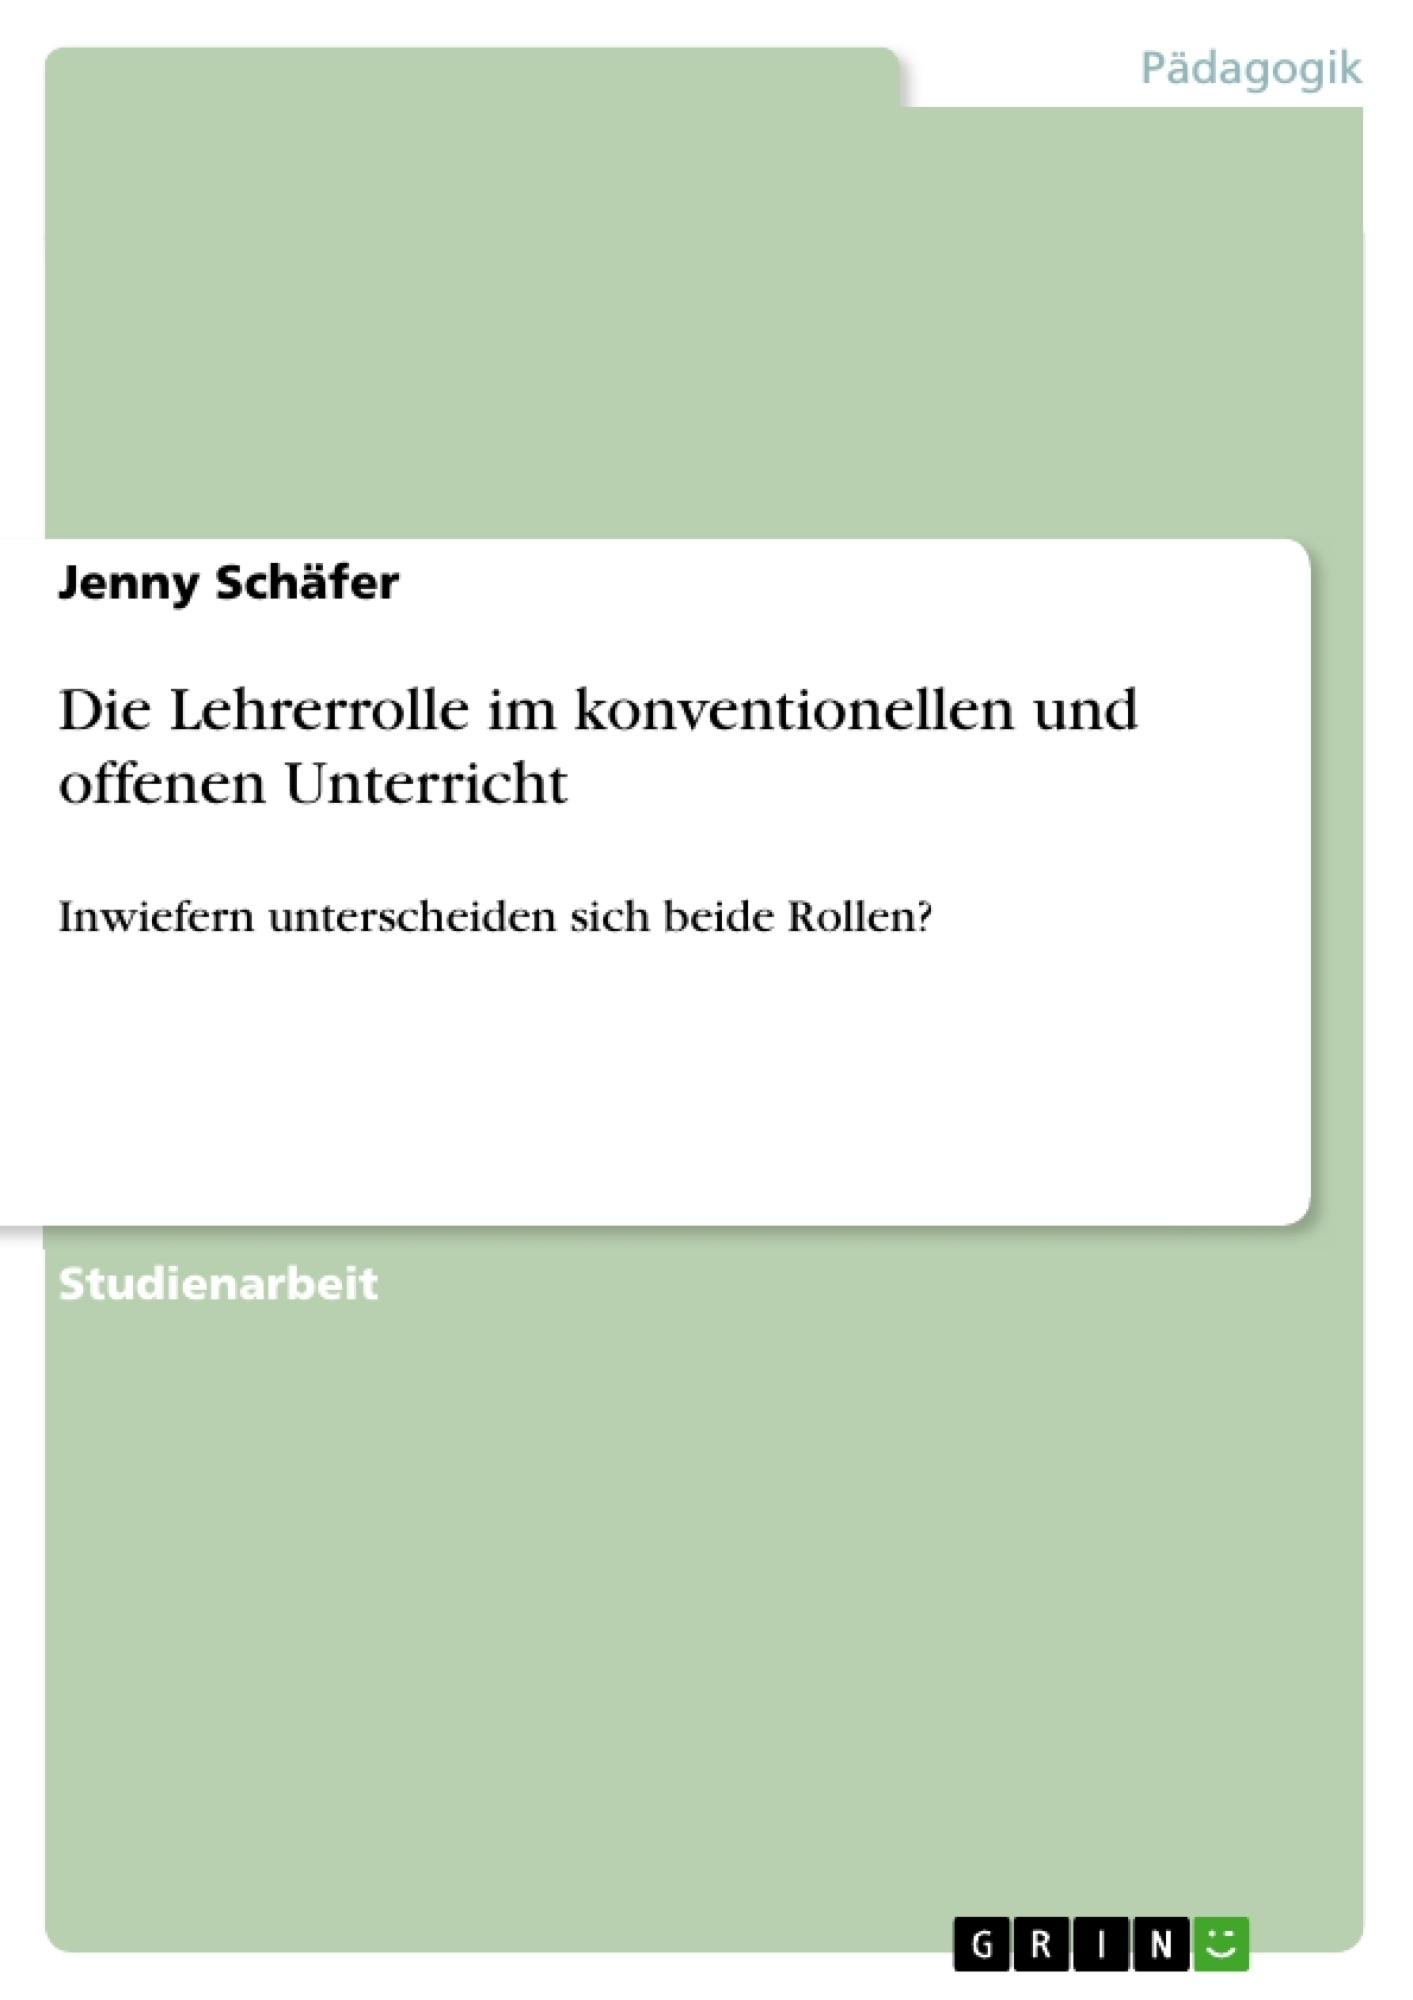 Titel: Die Lehrerrolle im konventionellen und offenen Unterricht